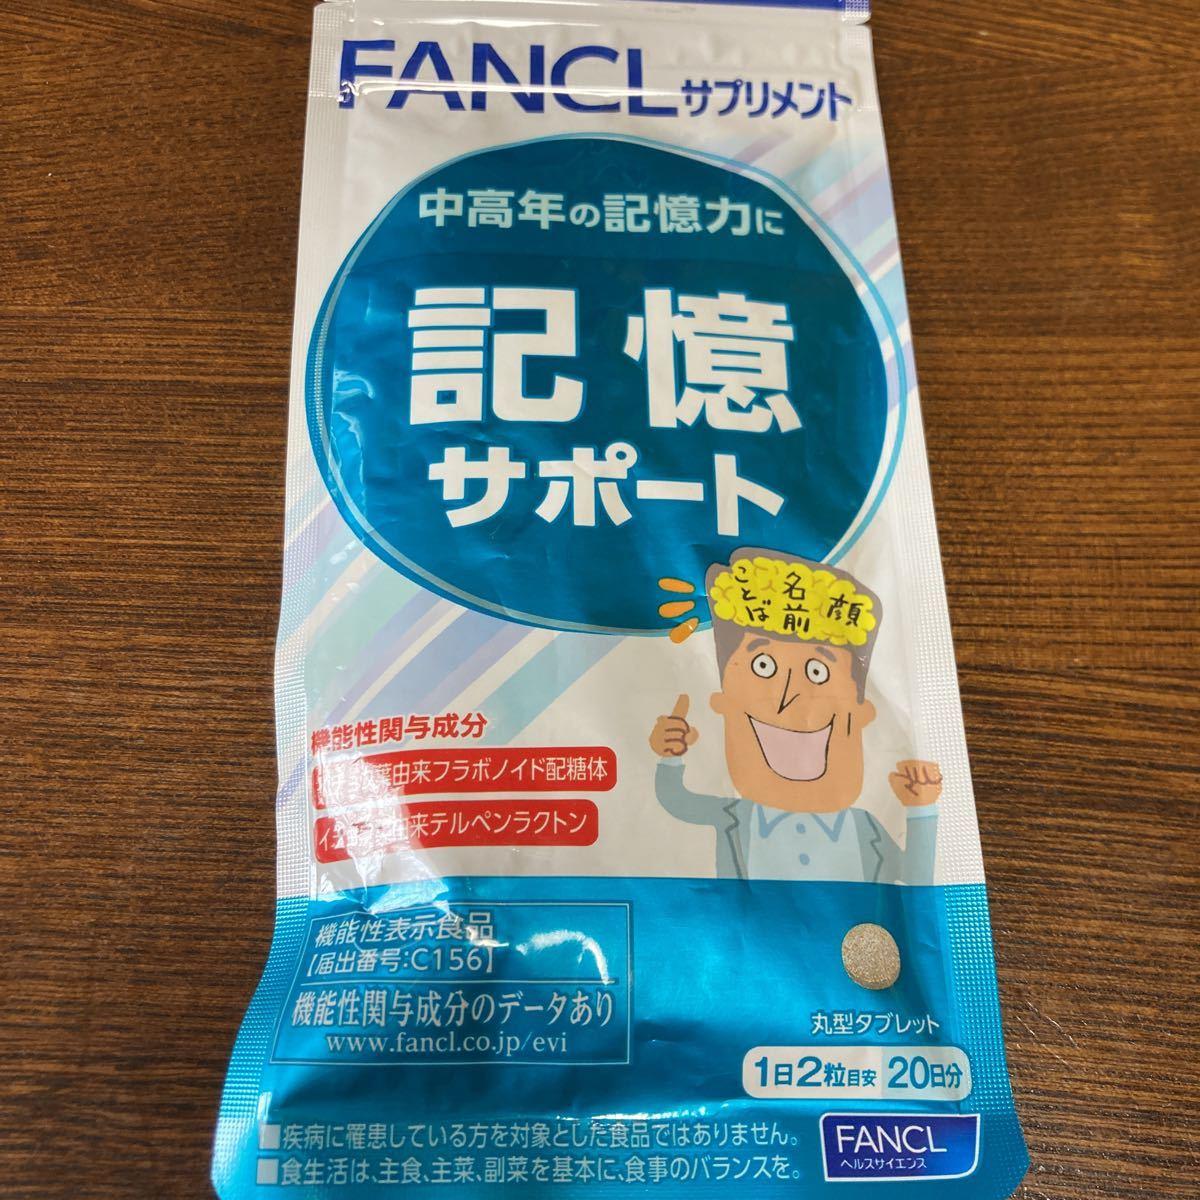 FANCL・ファンケル・記憶サポート 20日分 FANCLサプリメント 機能性表示食品 ゴールドクーポン利用 送料無料 即決_画像1